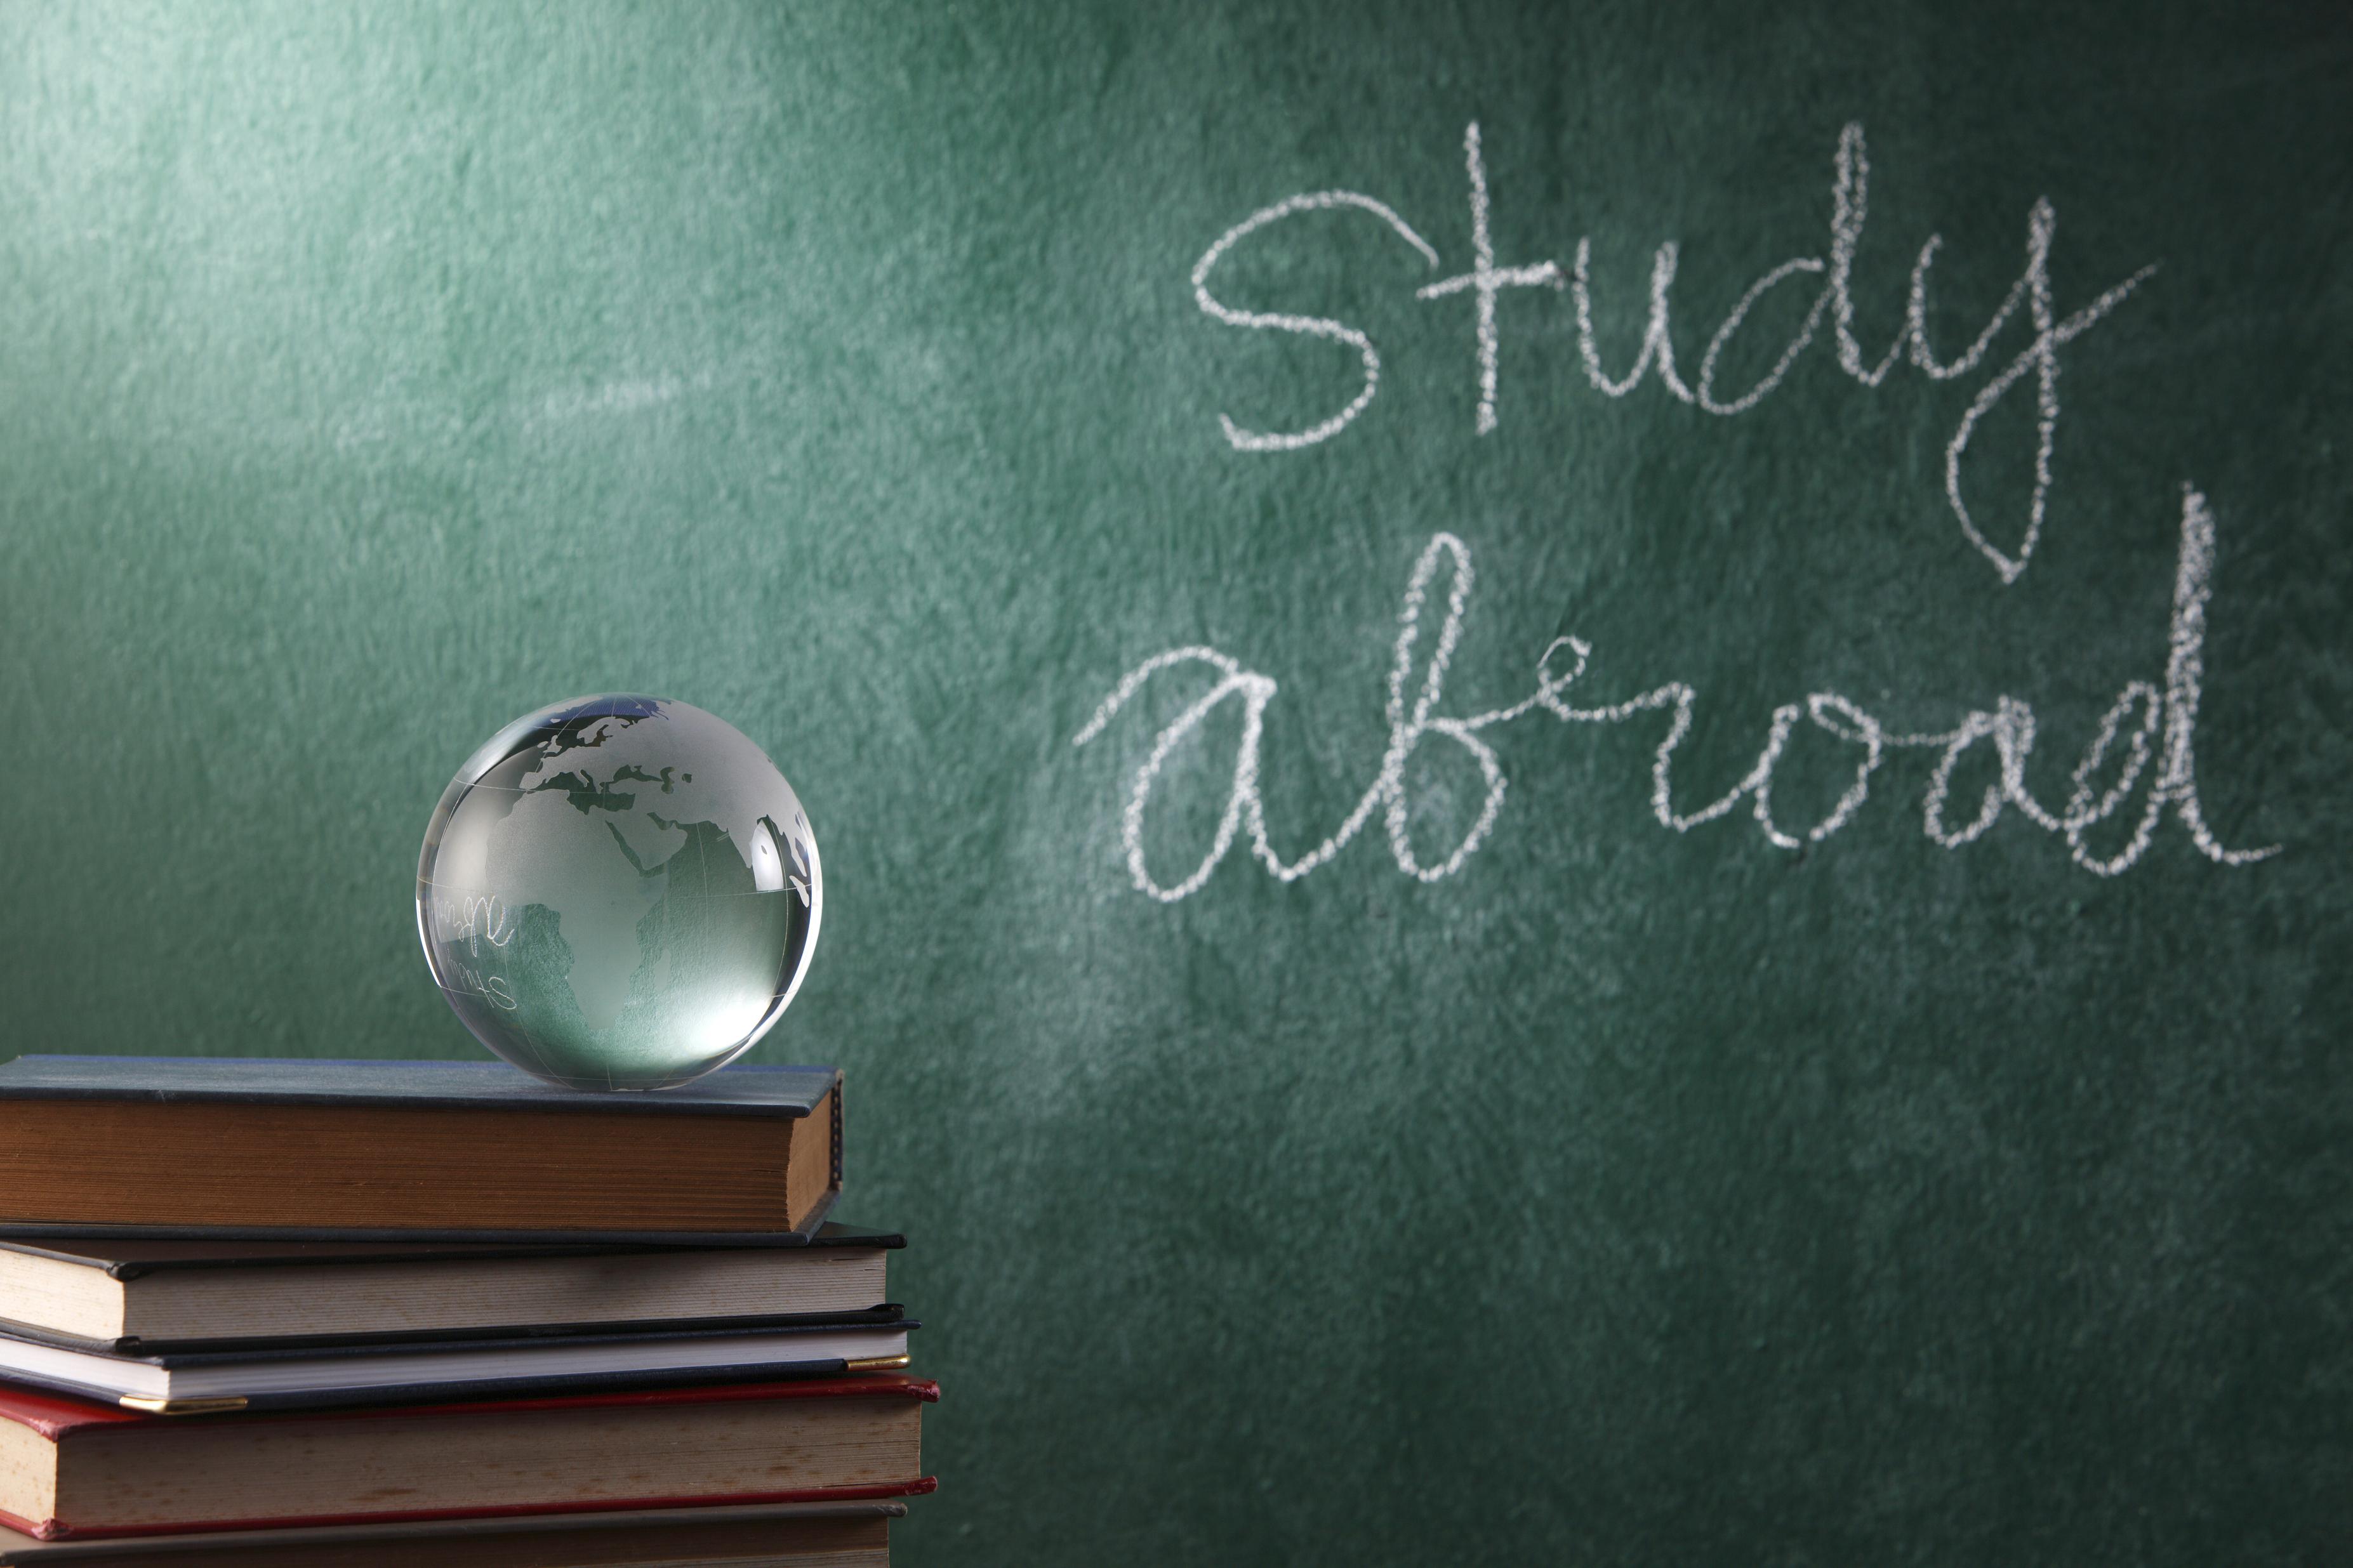 study abroad152545457